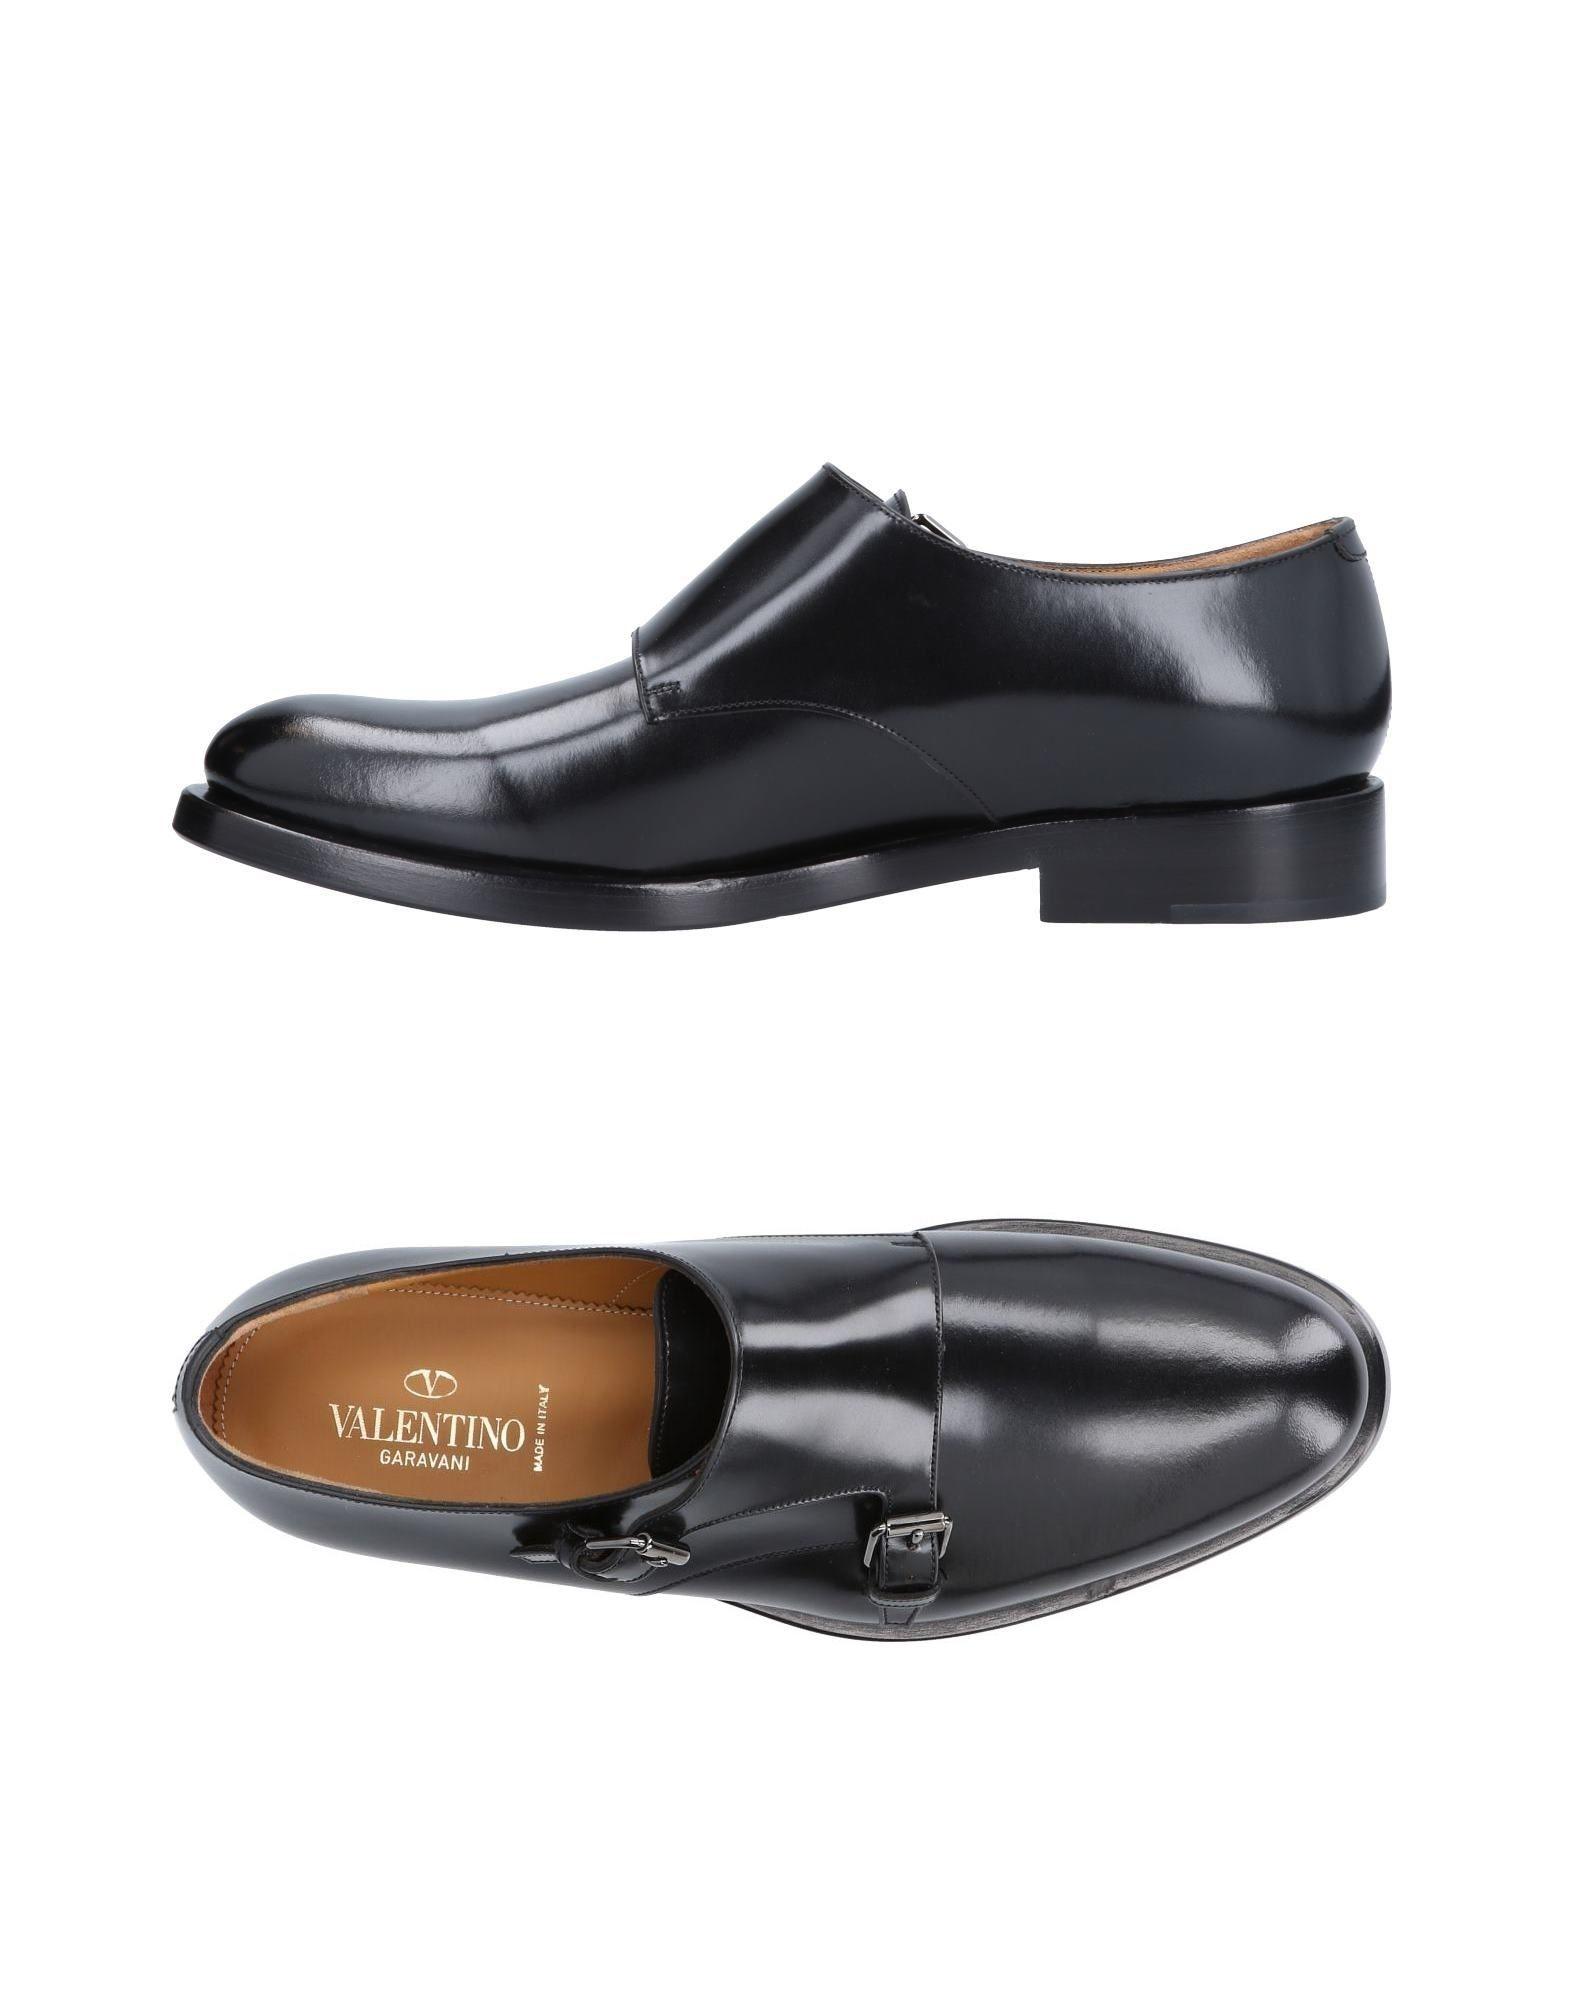 Valentino Garavani Mokassins Herren  11500067CP Gute Qualität beliebte Schuhe